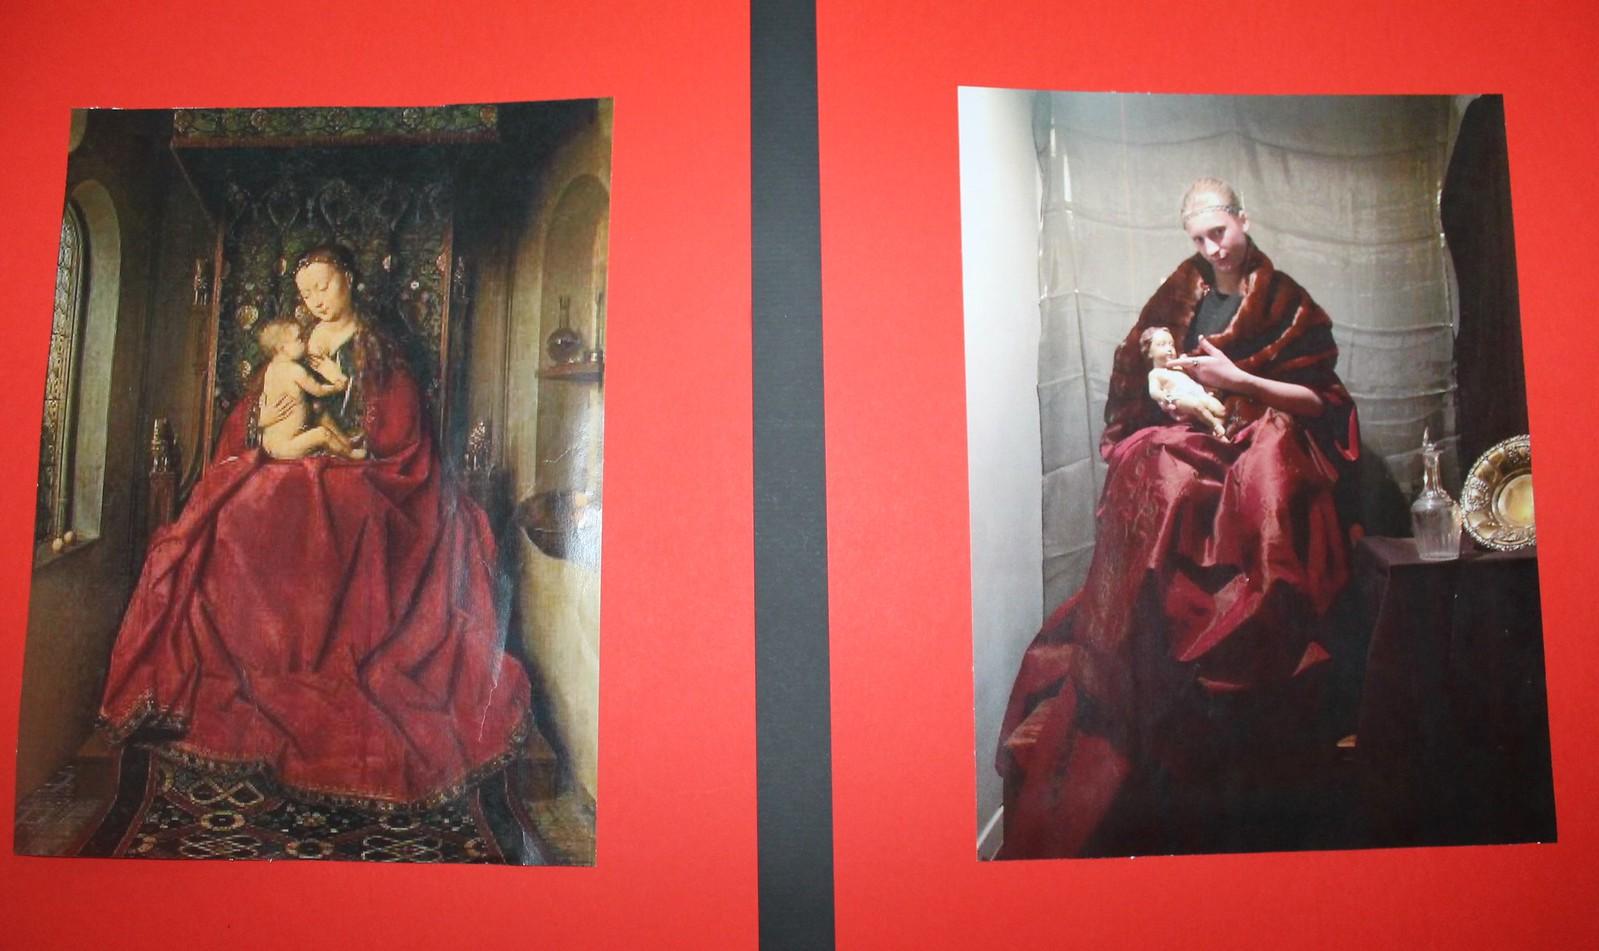 Exposición creativa de arte y fotografía